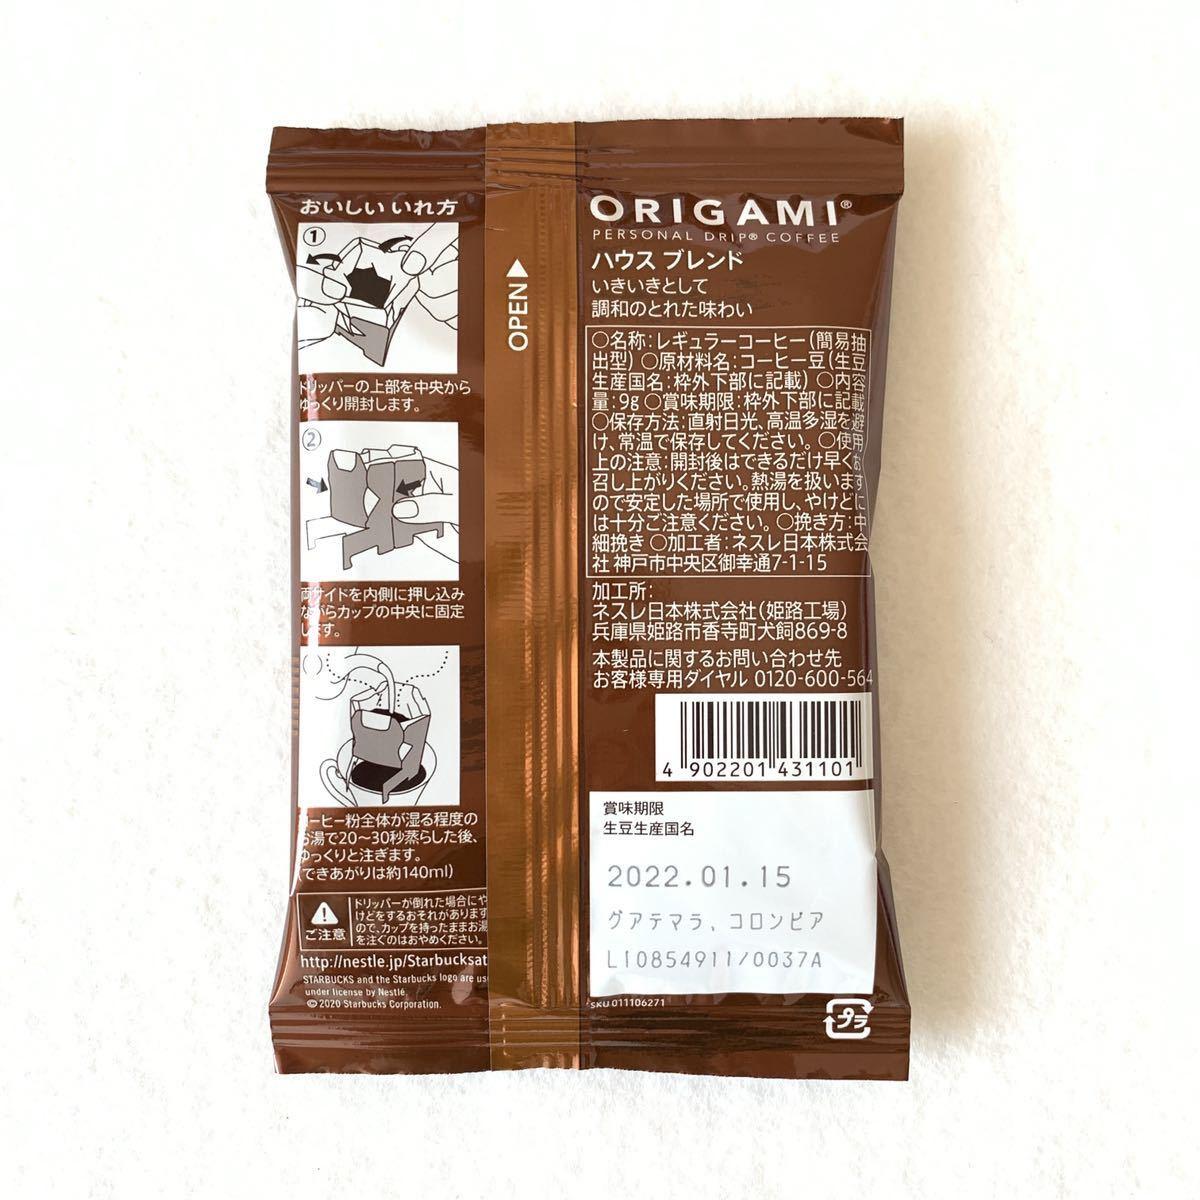 スターバックス オリガミ パーソナルドリップコーヒー ハウスブレンド 3箱15袋 _画像2